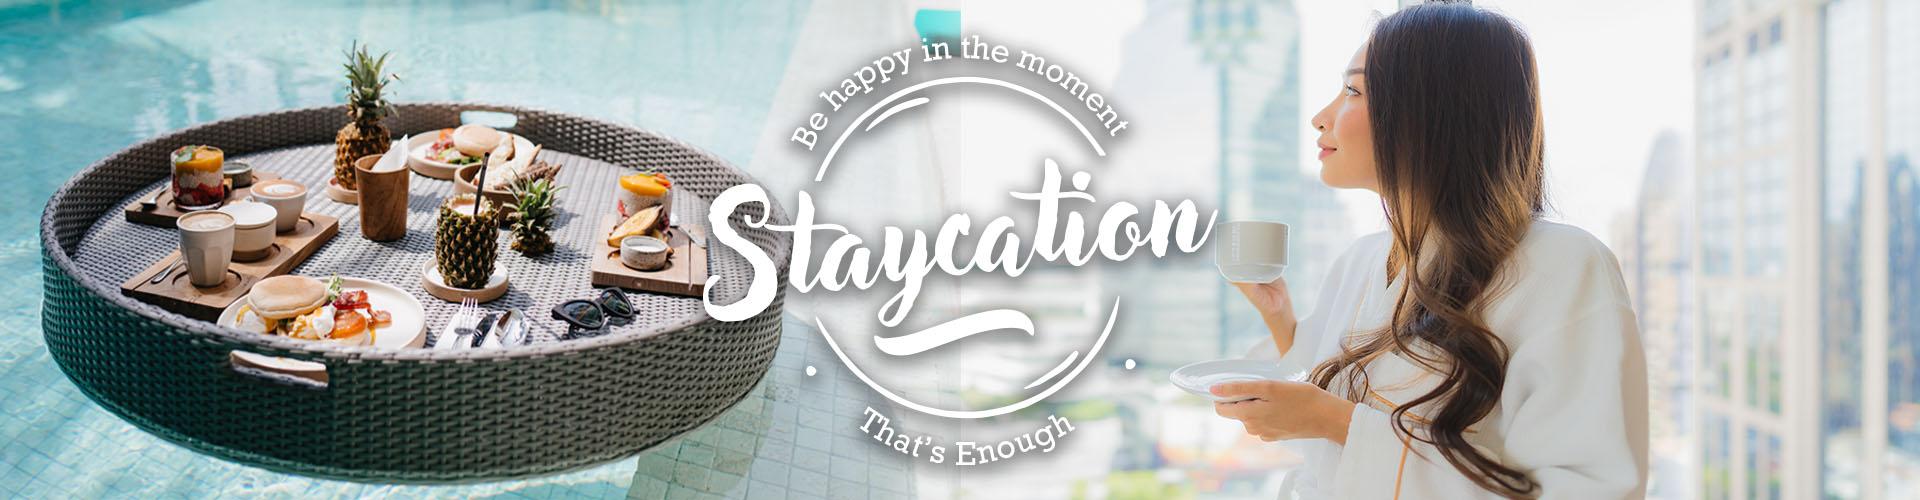 東亞銀行信用卡專享Staycation優惠